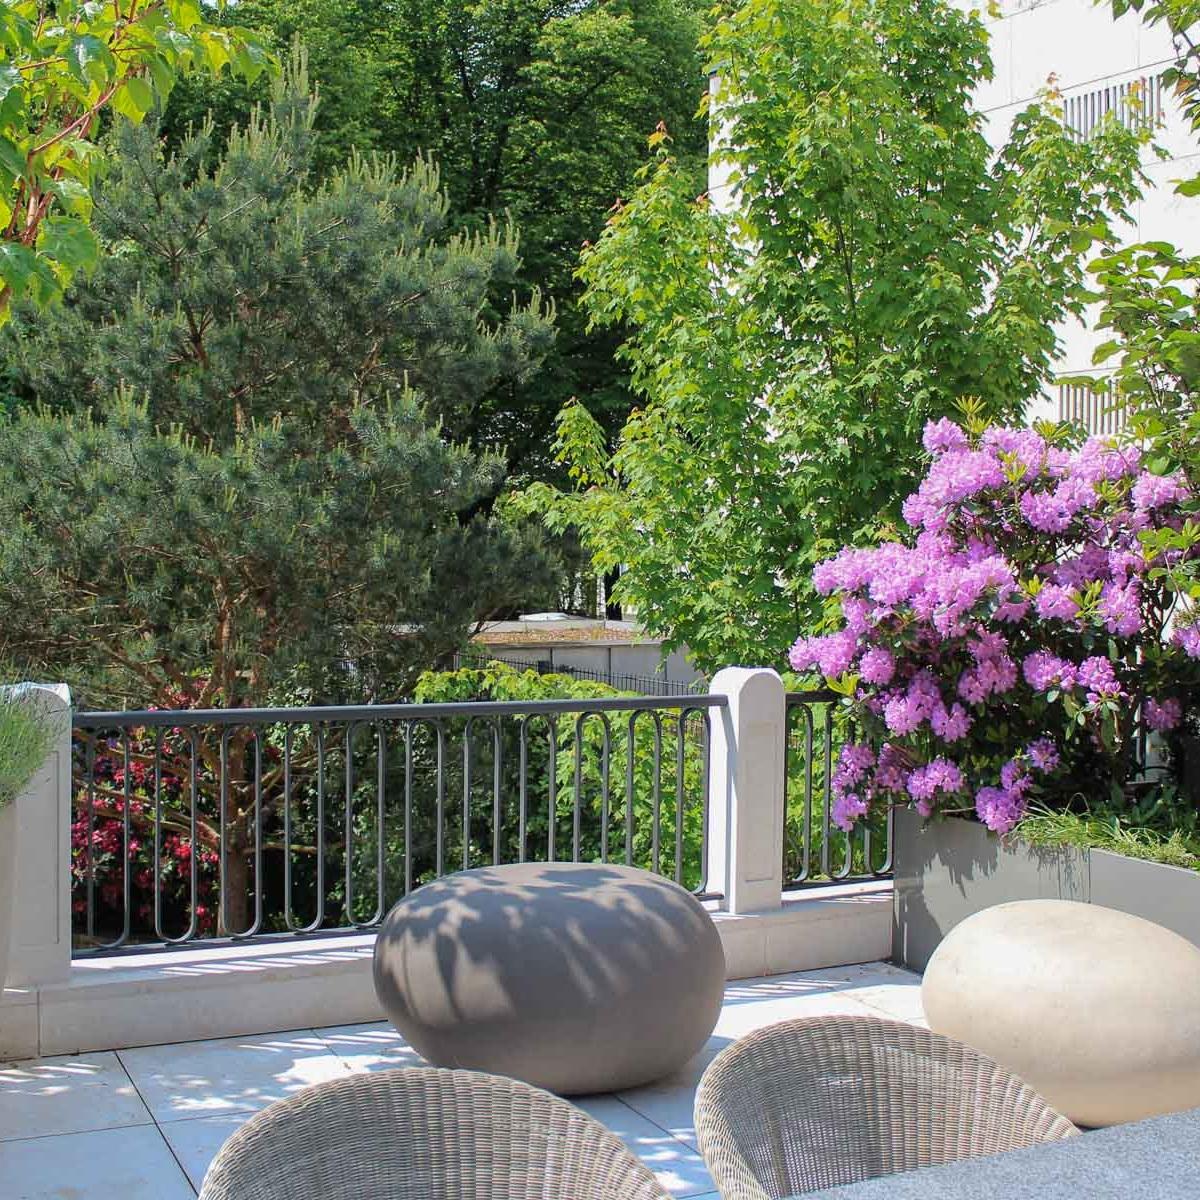 Sitzkiesel aus Ton sind zugleich auch Blickpunkte auf der Terrasse, die von einem Hochbeet eingefasst wird.